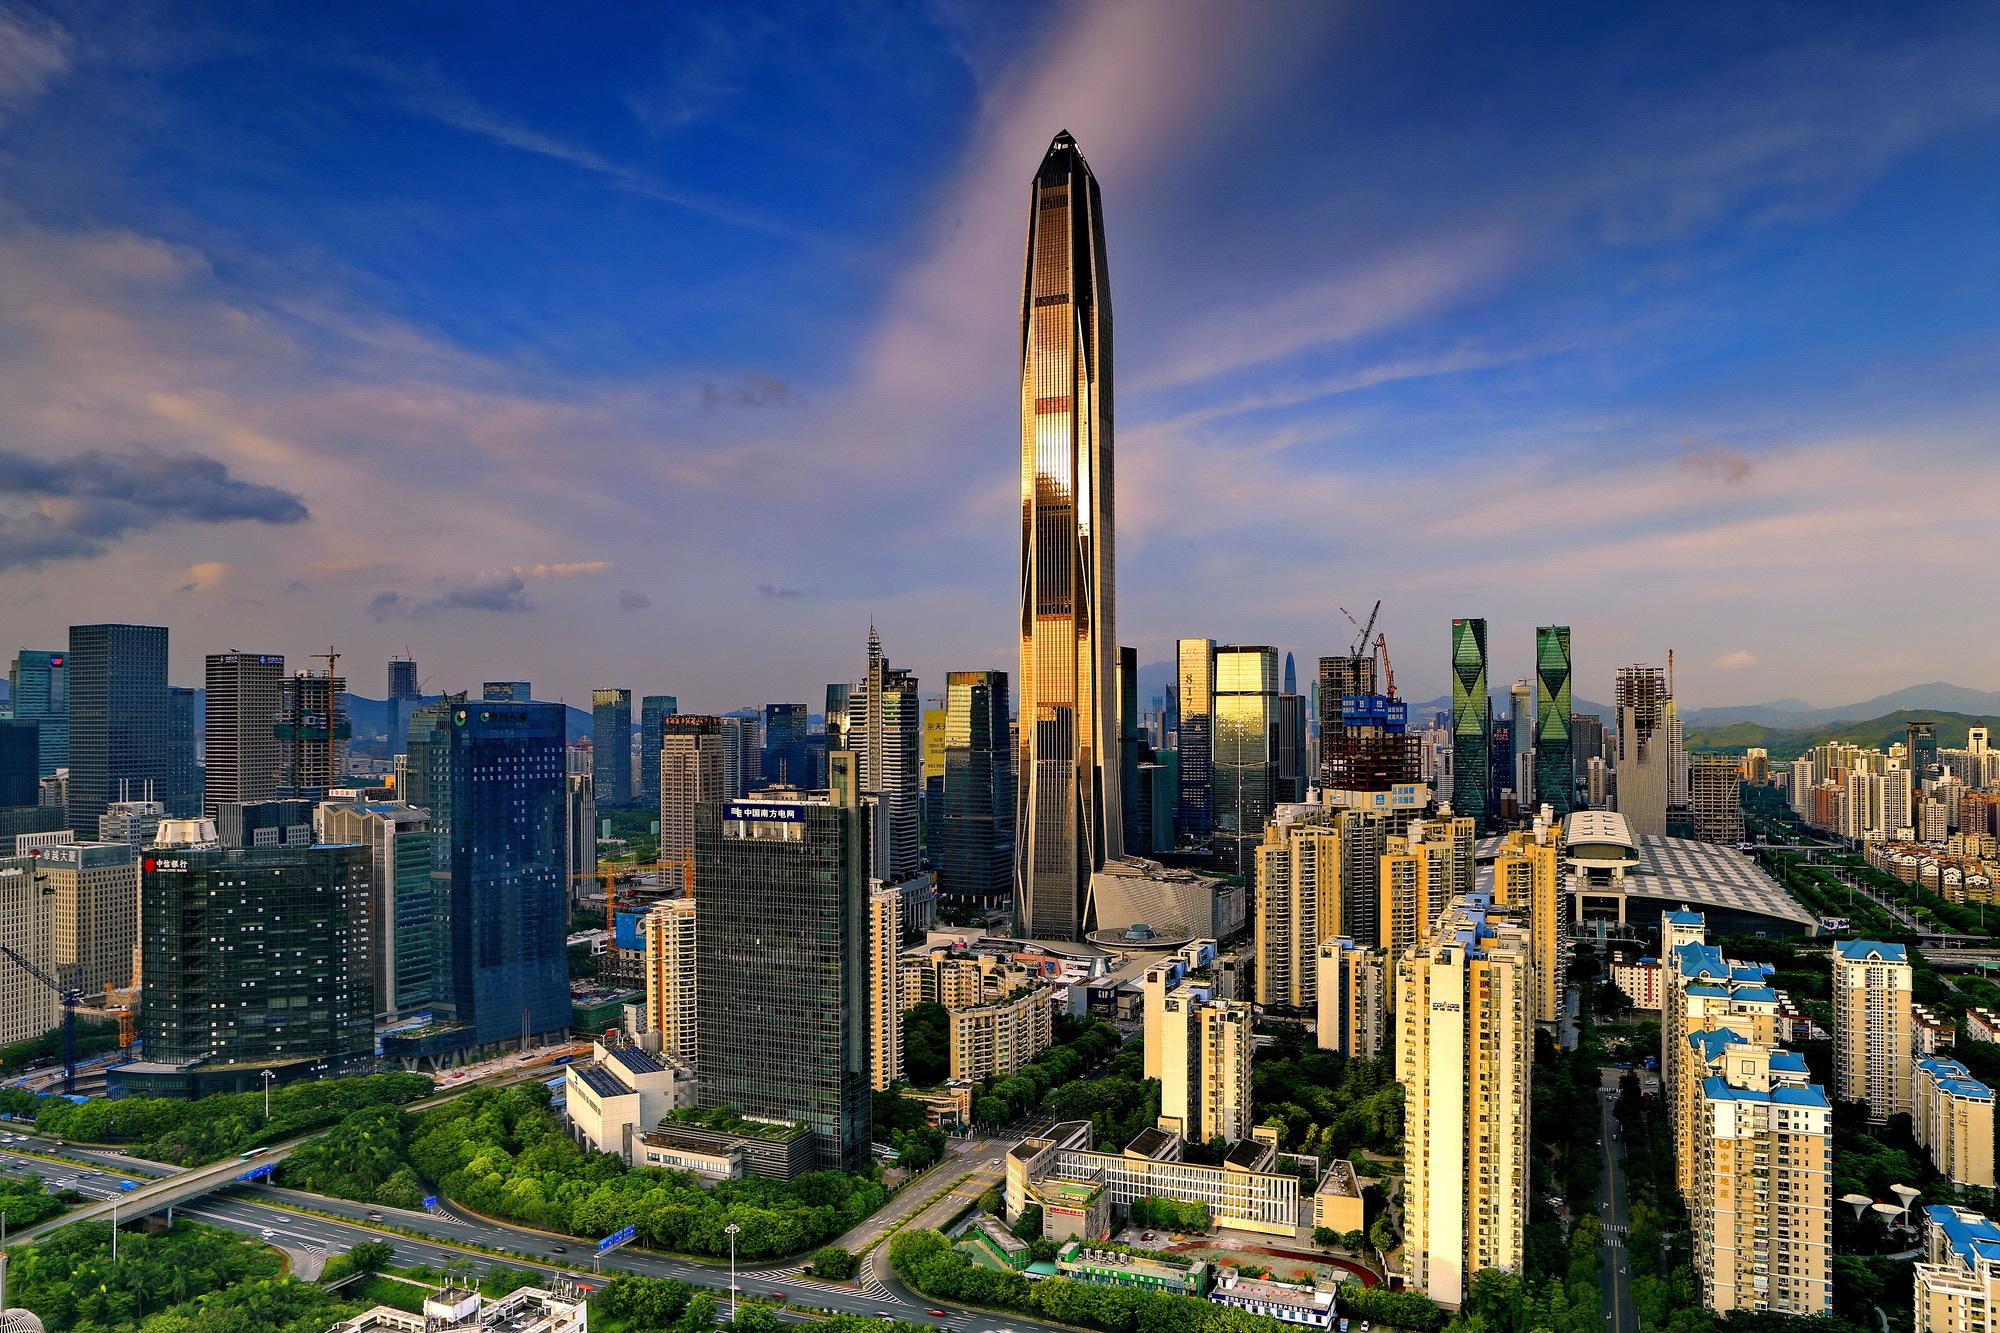 Ping An International Finance Center - 1,965 ft.